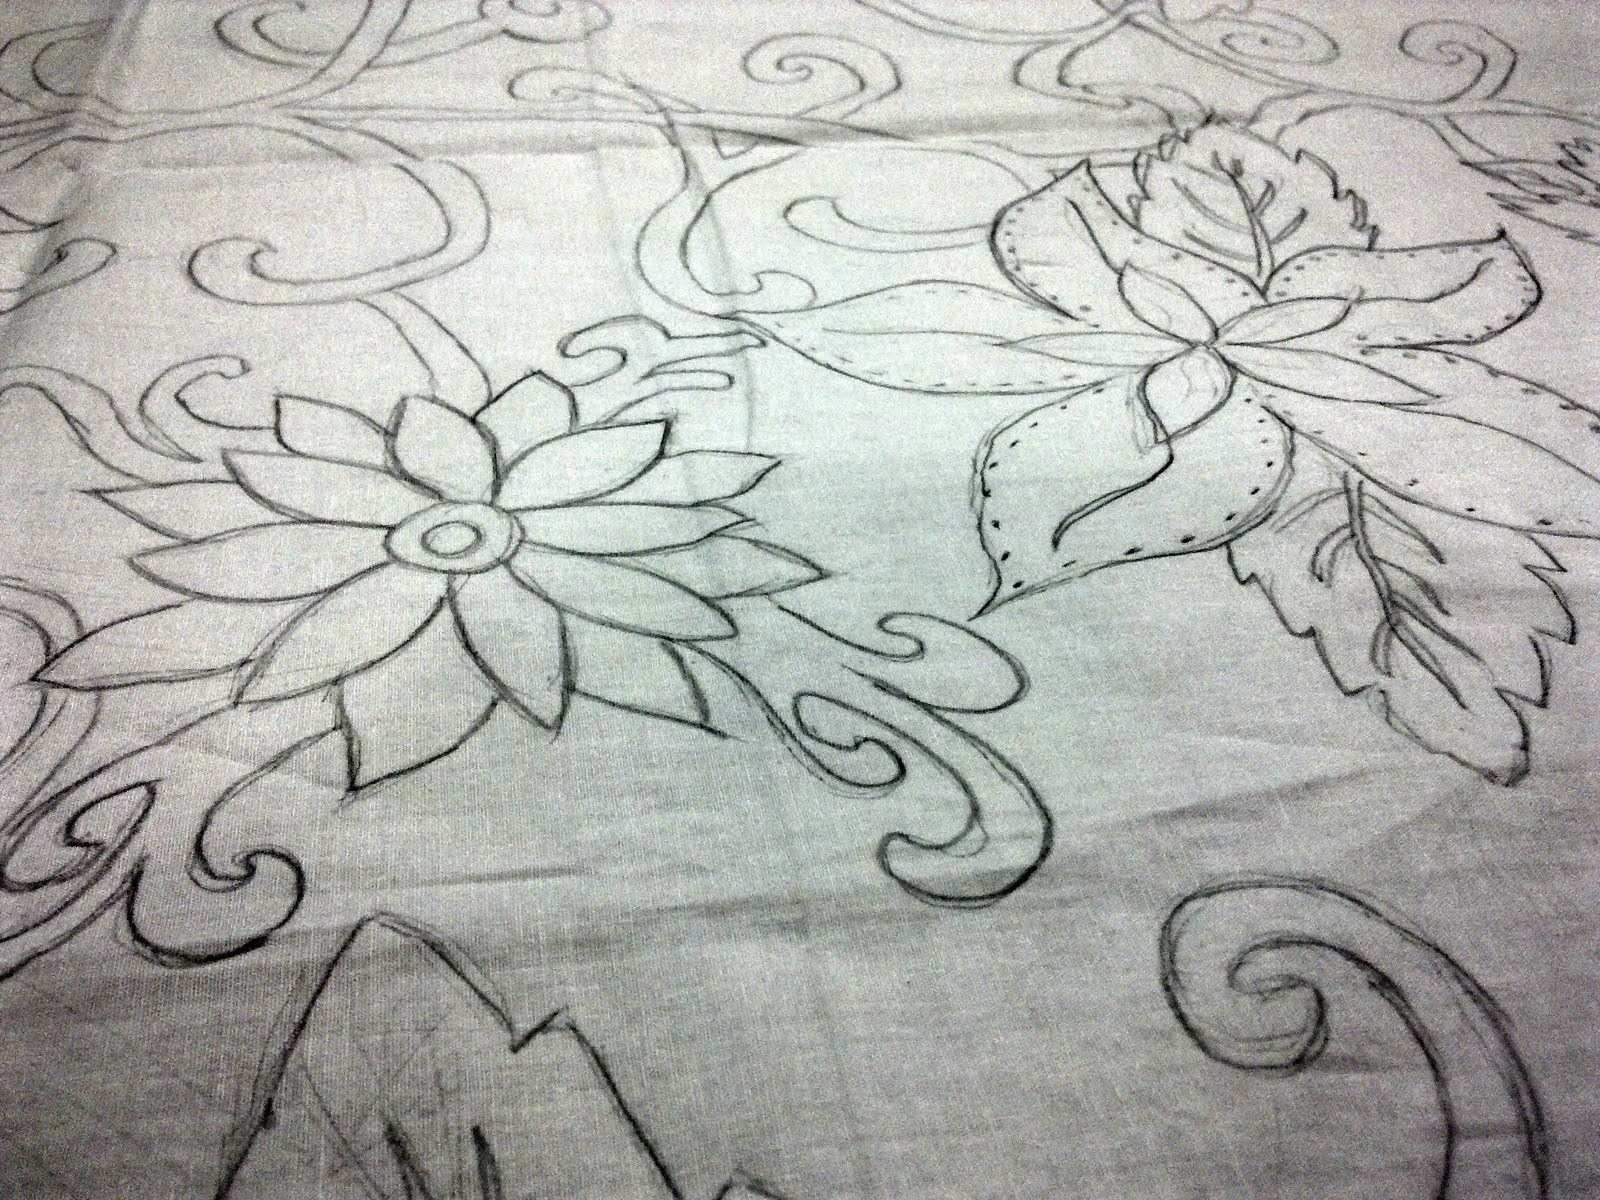 Desain Motif Bunga - Batik Indonesia